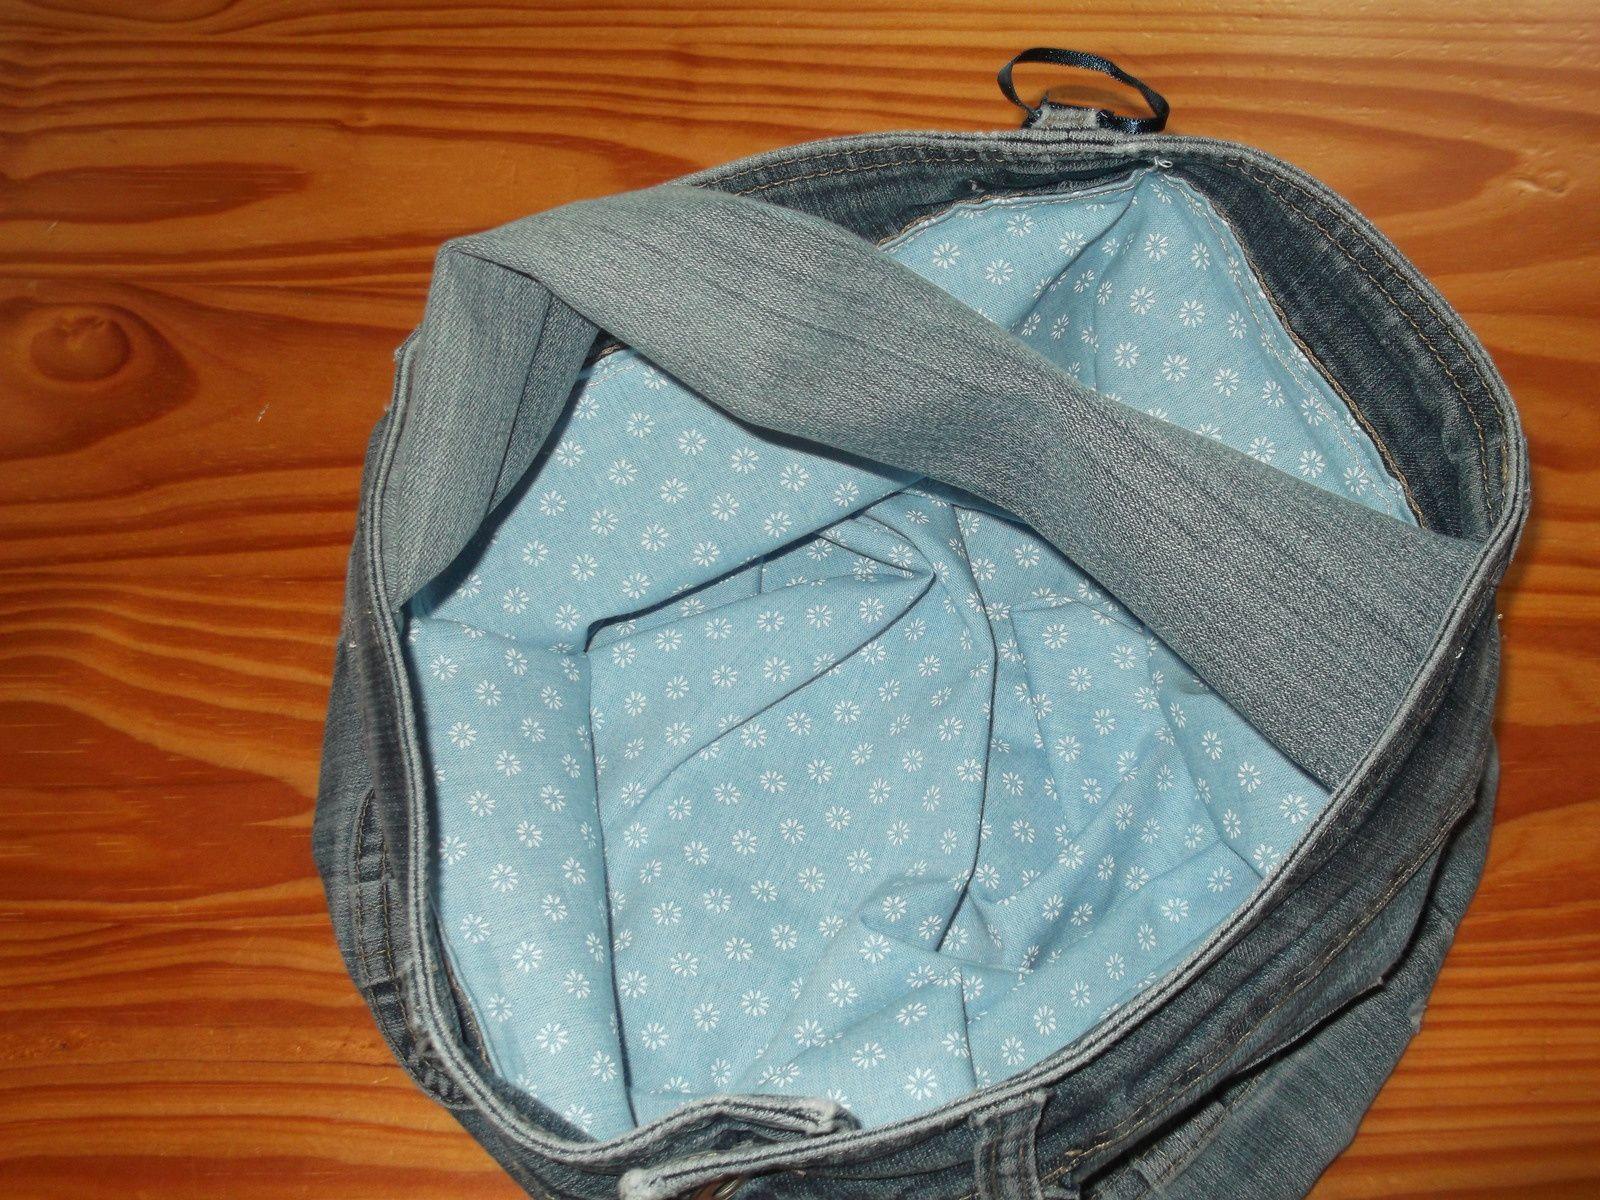 sac cousu a partir d'un jean pour une copine ..